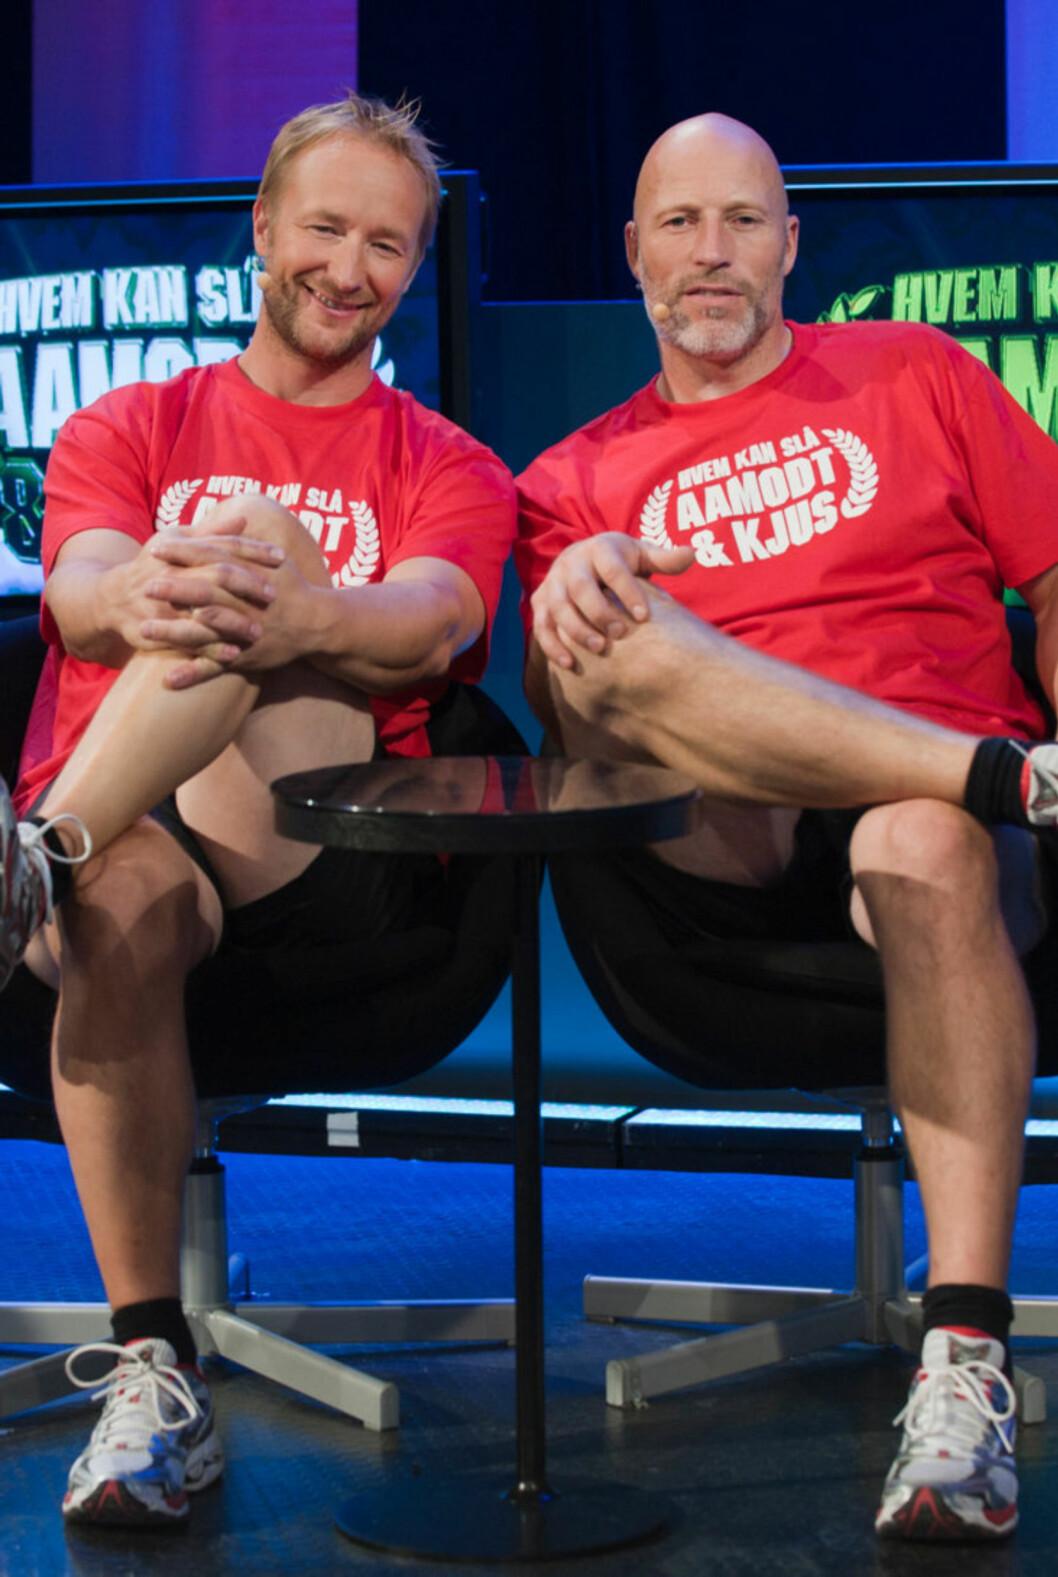 <strong>NY SESONG:</strong> Kjetil André Aamodt og Lasse Kjus er tilbake med en ny sesong av TVNorge-programmet Hvem kan slå Aamodt og Kjus. Foto: TVNorge